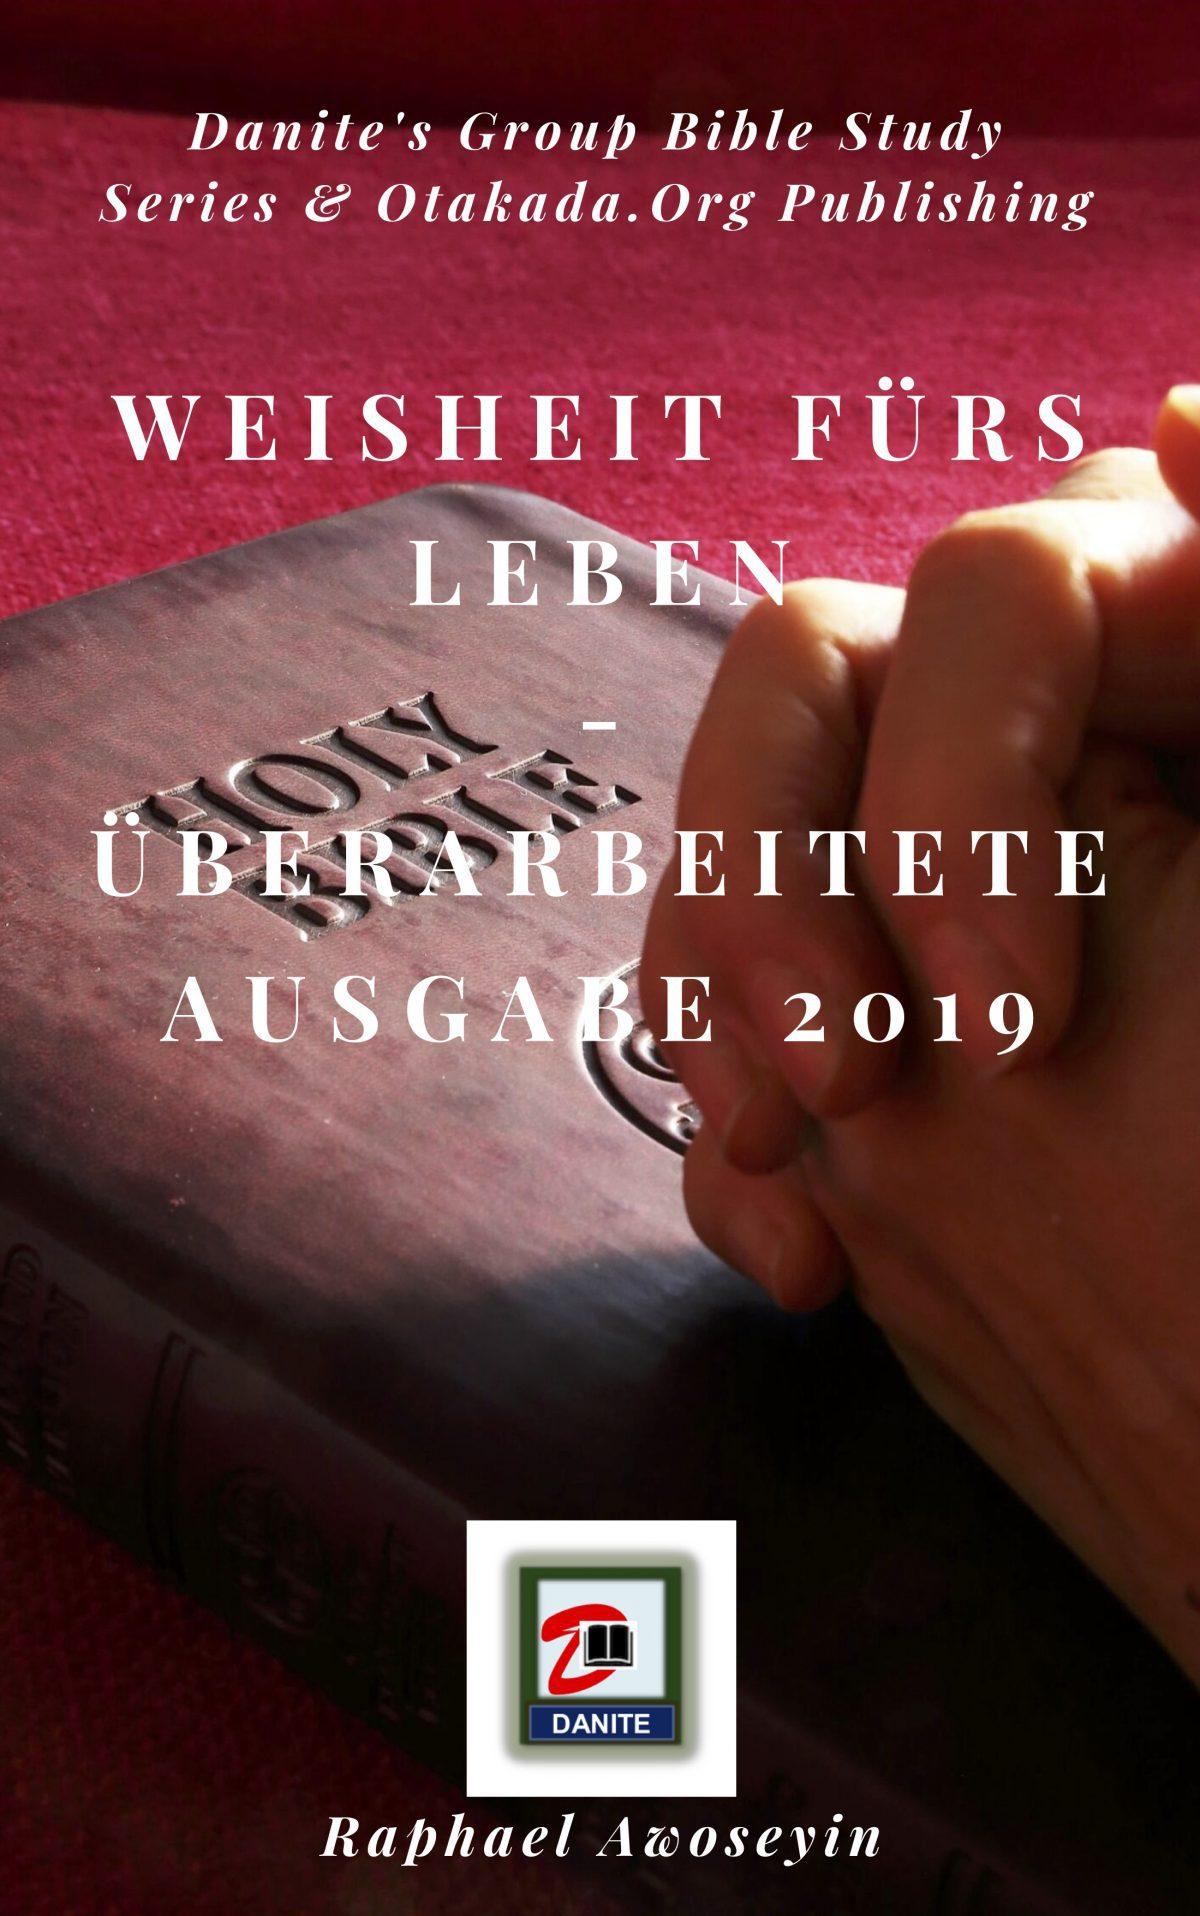 Weisheit fürs Leben  Überarbeitete Ausgabe 2019